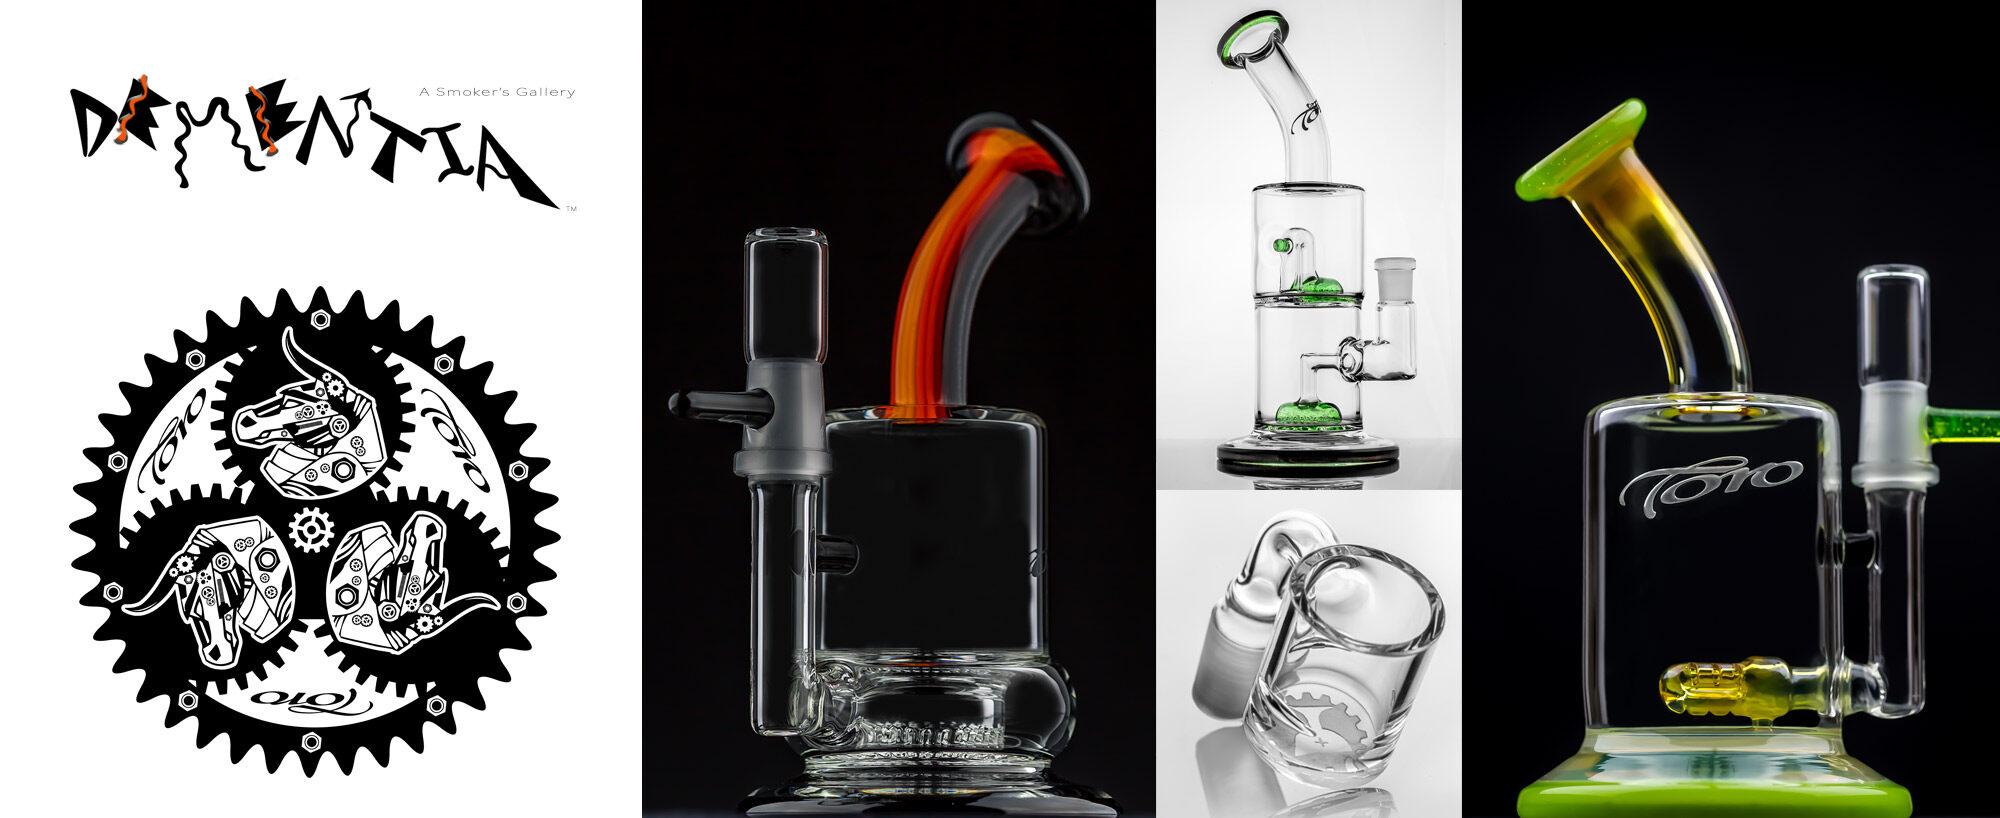 Toro glass